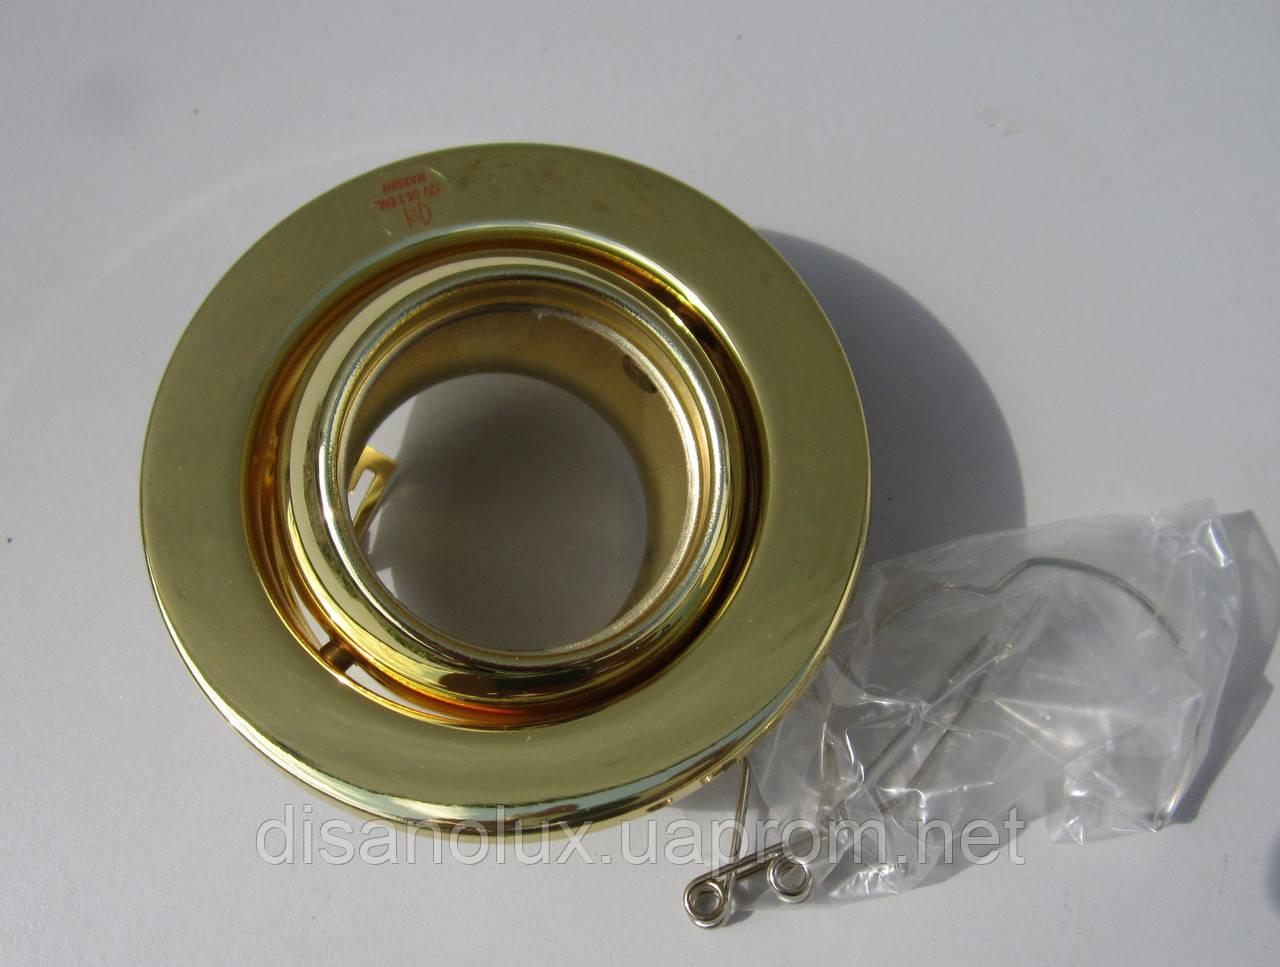 Светильник  точечный FDL -01  MR16  поворотный  Золото